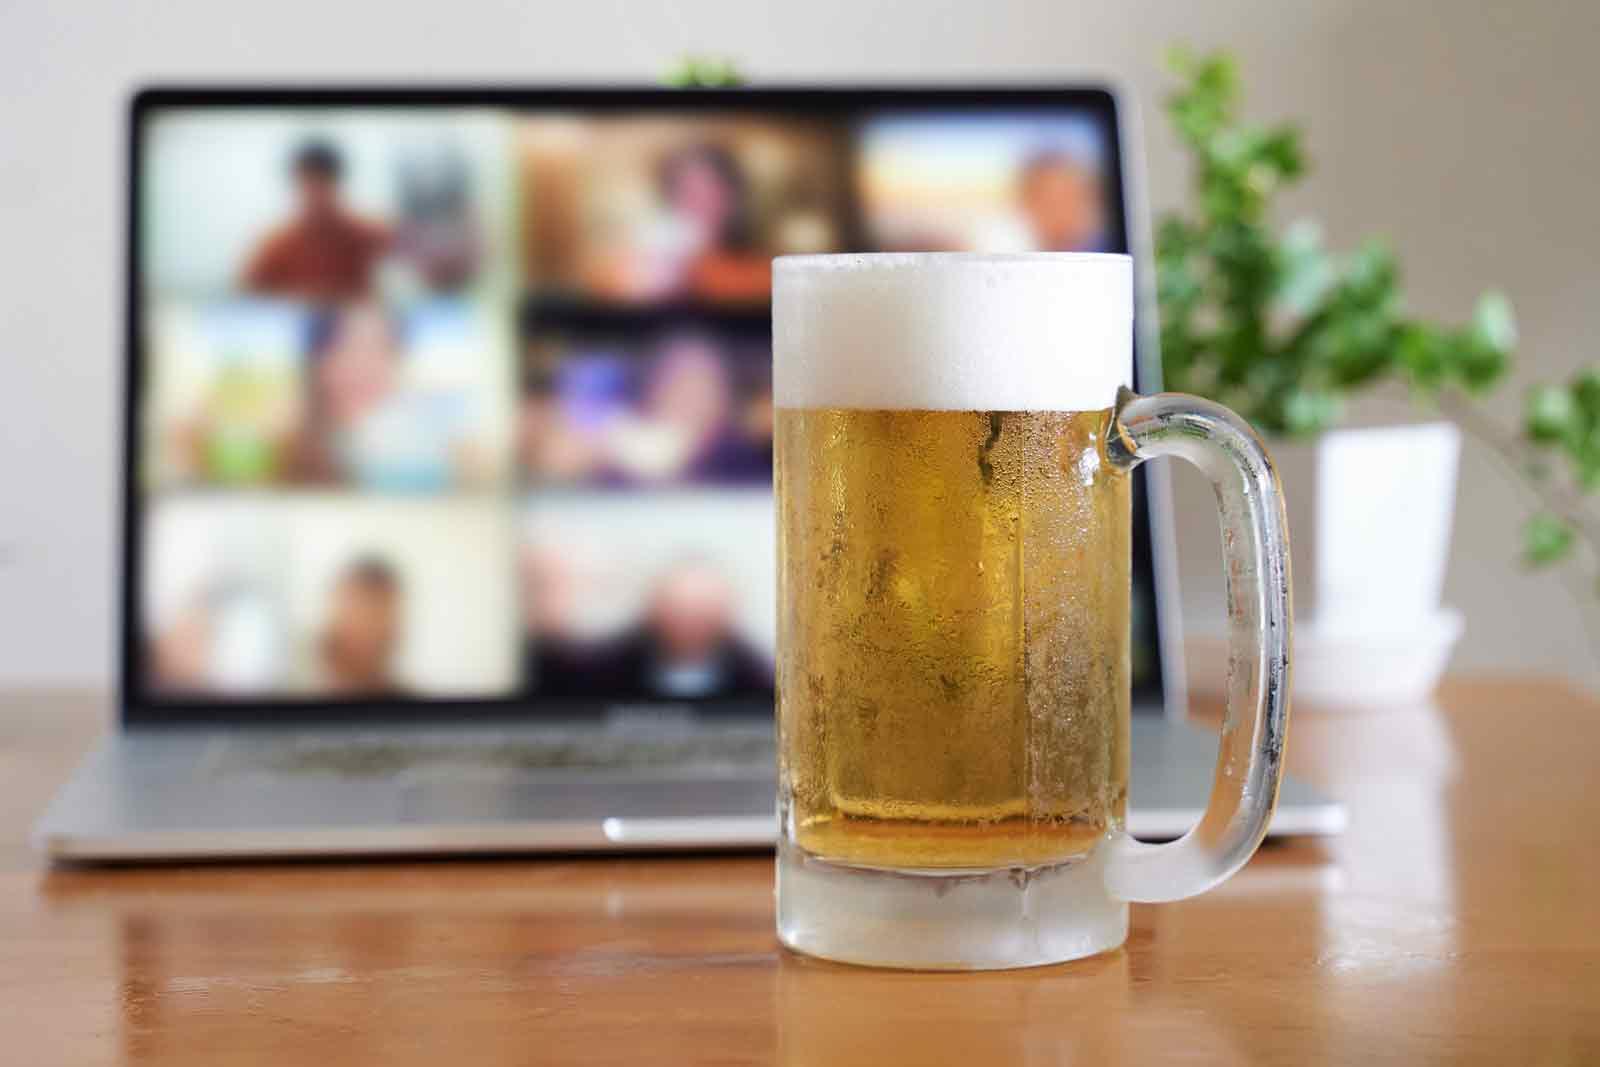 オンライン飲み会中。生ビールがキンキンに冷えている。